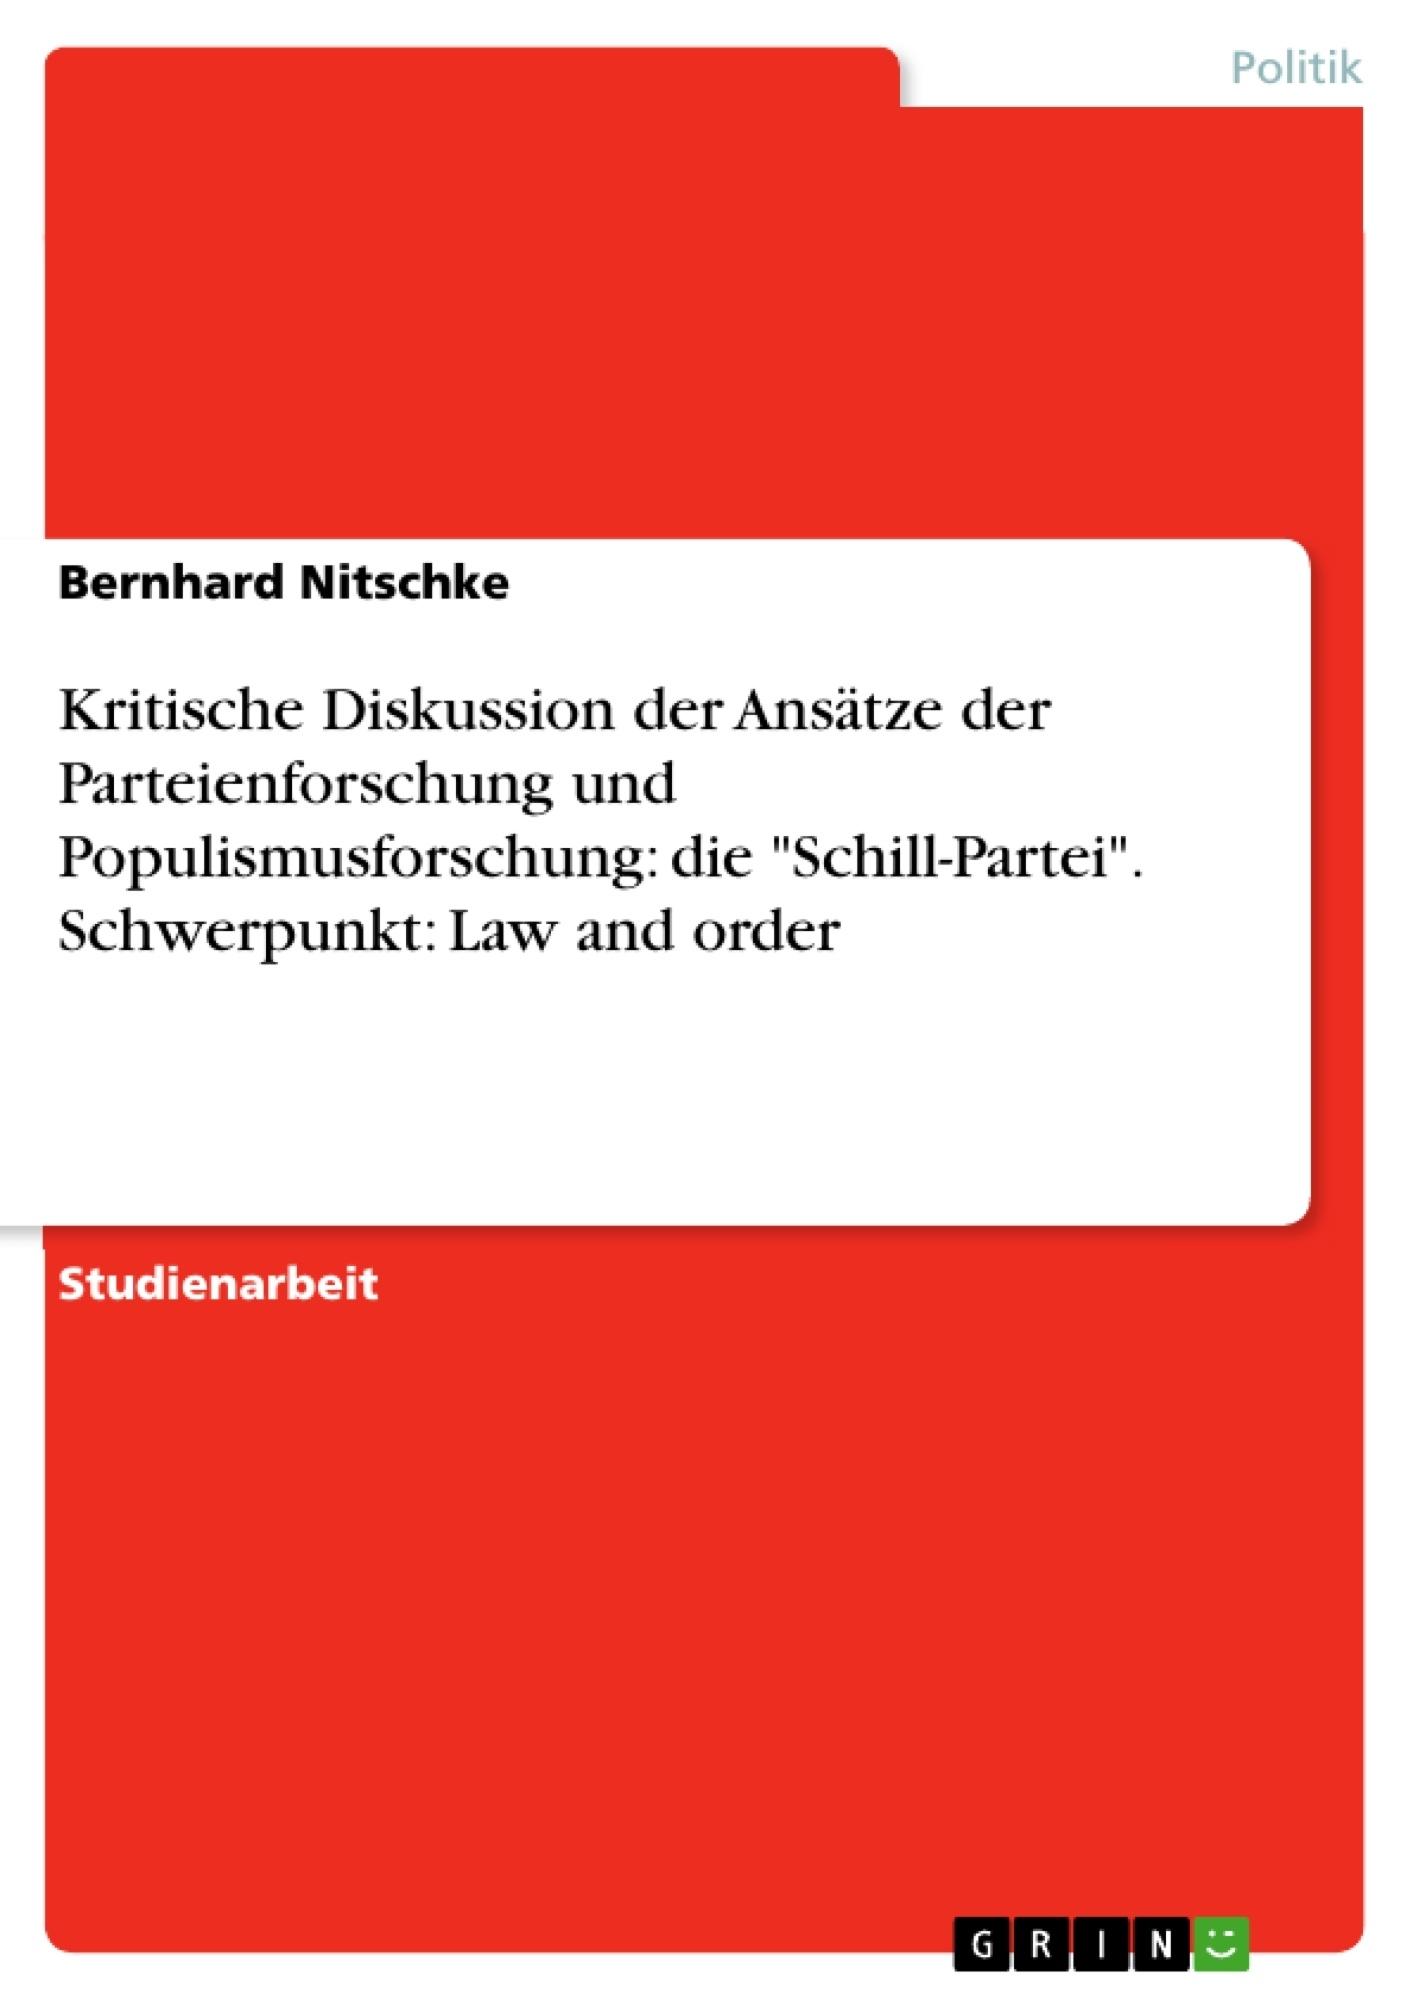 """Titel: Kritische Diskussion der Ansätze der Parteienforschung und Populismusforschung: die """"Schill-Partei"""". Schwerpunkt: Law and order"""